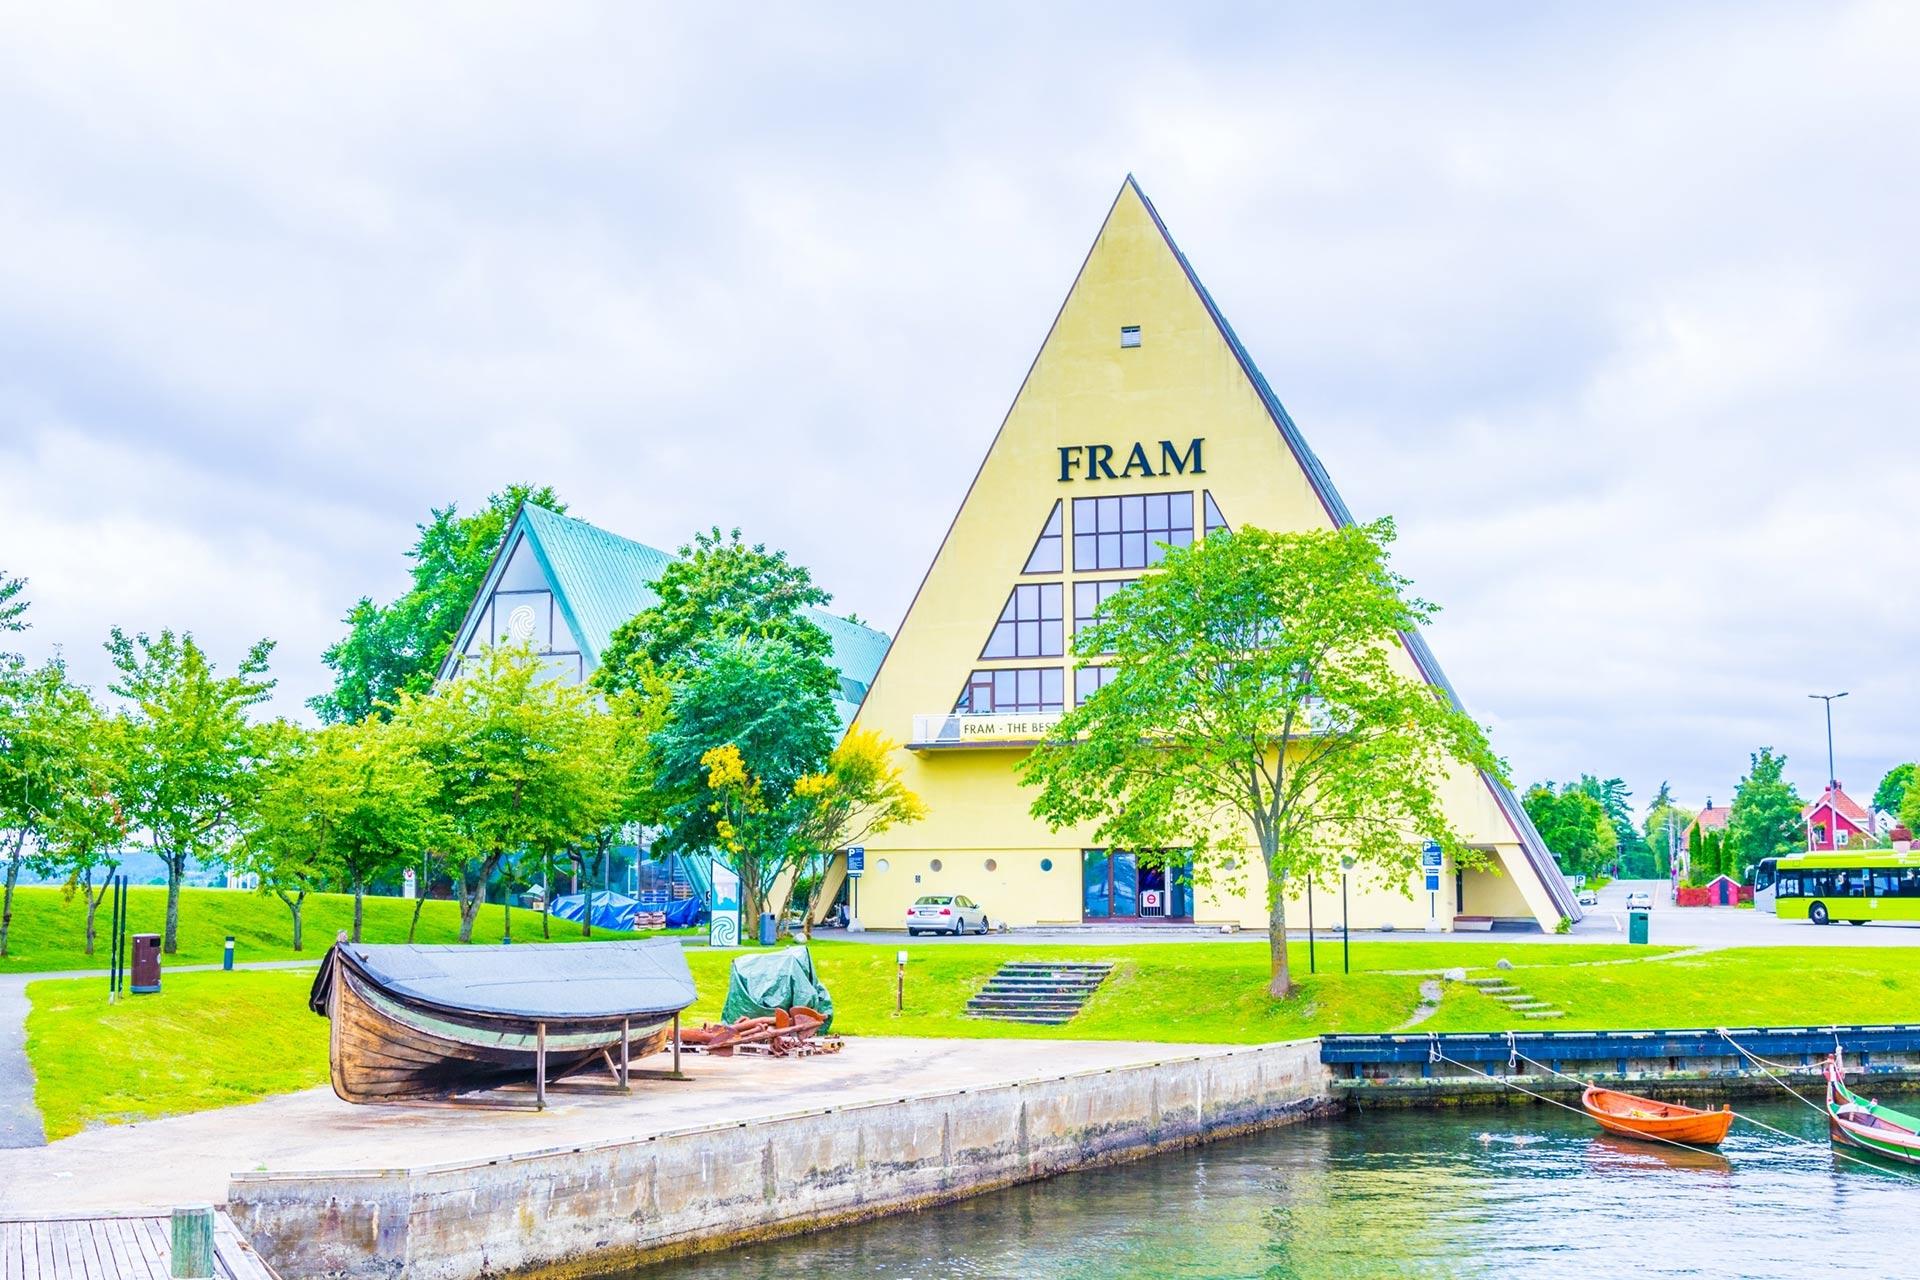 Oslo, Norway.